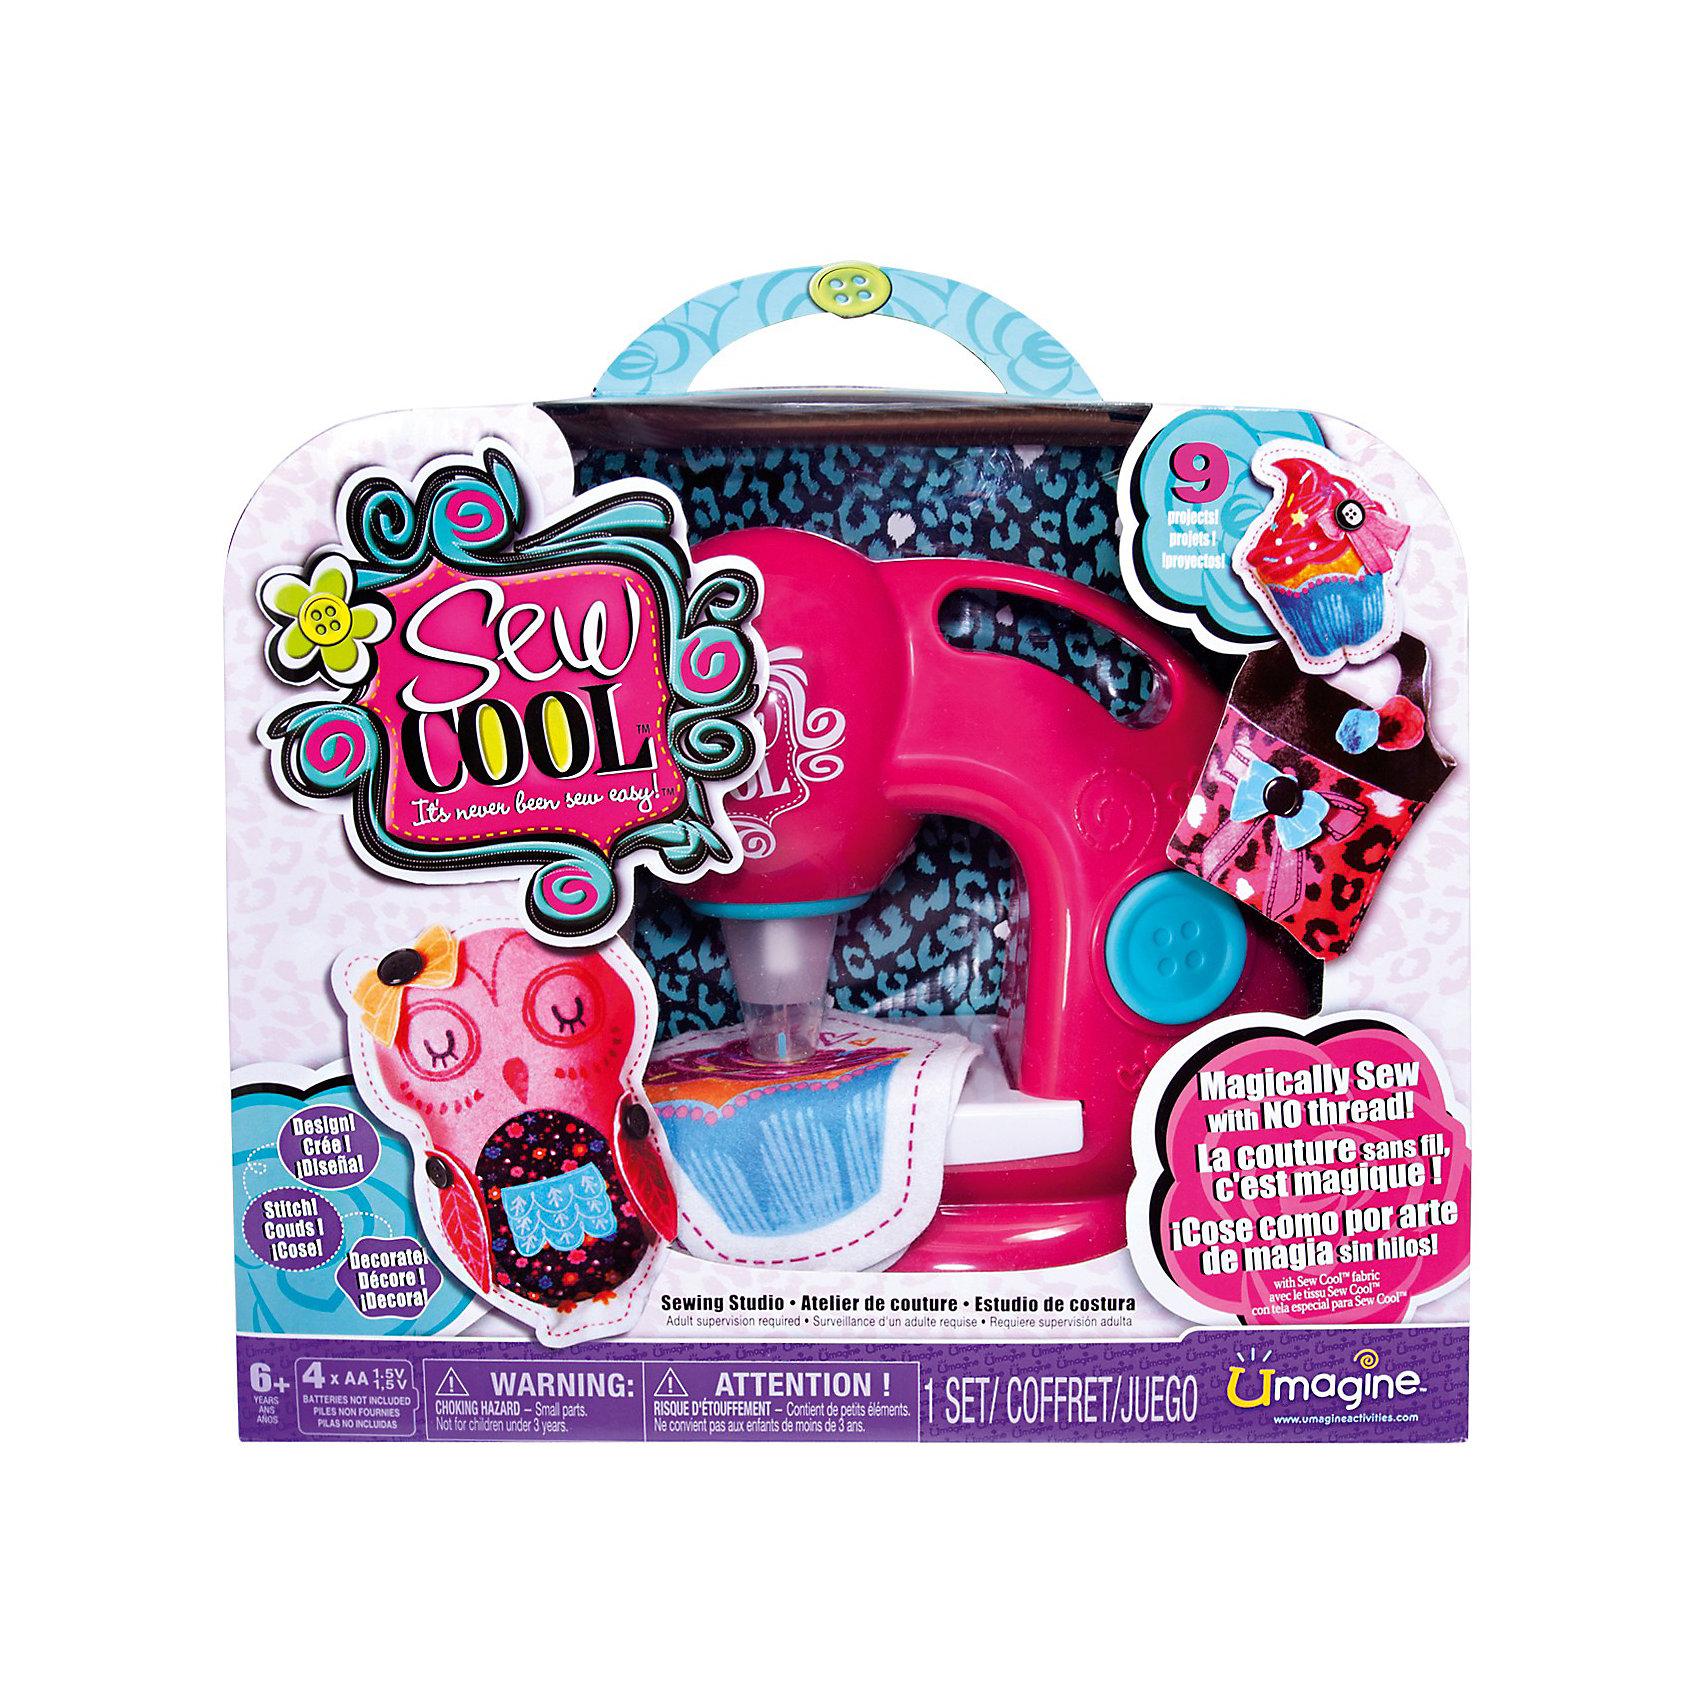 Швейная машинка, Sew CoolРукоделие<br>Швейная машинка Sew Cool, Spin Master (Спин Мастер) станет замечательным подарком для юной рукодельницы. С помощью этой машинки она быстро научится шить и моделировать различные поделки, аксессуары и игрушки.<br><br>Машинка шьет без ниток, «пробивая» ткань. Для использования машинки подходит только ткань из наборов Sew Cool.Маленькой рукодельнице не нужно управляться со шпульками и катушками, завязывать и распутывать узлы. Достаточно лишь нажать кнопку – и машинка Сью Кул быстро пробивает иголками ткань, надежно скрепляя ее волокна.<br><br>Особенность машинки Sew Cool в том, что она полностью безопасна для детей, рабочая игла спрятана в специальном прозрачном футляре, отсутствуют режущие или колющие детали. Чтобы начать работу достаточно лишь разложить ткань на рабочей поверхности машинки и нажать на большую кнопочку на корпусе. В процессе работы игла машинки много раз пронизывает ткань, надежно скрепляя ее между собой.<br><br>В комплект также входят детали для создания первых поделок: выкройки, кусочки ткани для создания игрушек, тканевые аппликации и  многое другое. Легко освоив с помощью машинки простые поделки, девочка сможет создавать свои оригинальные модели сумочек, кошельков, мягких игрушек и многое другое. Детская швейная машинка Sew Cool способствует развитию у ребенка координации, глазомера, моторики пальцев и воображения.<br><br>Дополнительная информация:<br><br>- В комплекте: швейная машинка, 8 кусочков ткани 19,5 х 14 см., заготовки ткани для 3 игрушек, 3 бумажные выкройки,  лента, 14 маленьких тканевых аппликаций (цветочки), 8   пуговиц, ватин для наполнения игрушек, инструкция.<br>- Материал: высококачественная пластмасса, металл, текстиль.<br>- Требуются батарейки: 4 x AA / LR06 1.5V (пальчиковые) (не входят в комплект).<br>- Размер: 34 х 29 х 12 см.<br>- Вес: 1,2 кг.<br><br>Швейную машинку Sew Cool, Spin Master (Спинмастер) можно купить в нашем интернет-магазине.<br><br>Ширина мм: 340<br>Глубина мм: 280<br>Высо